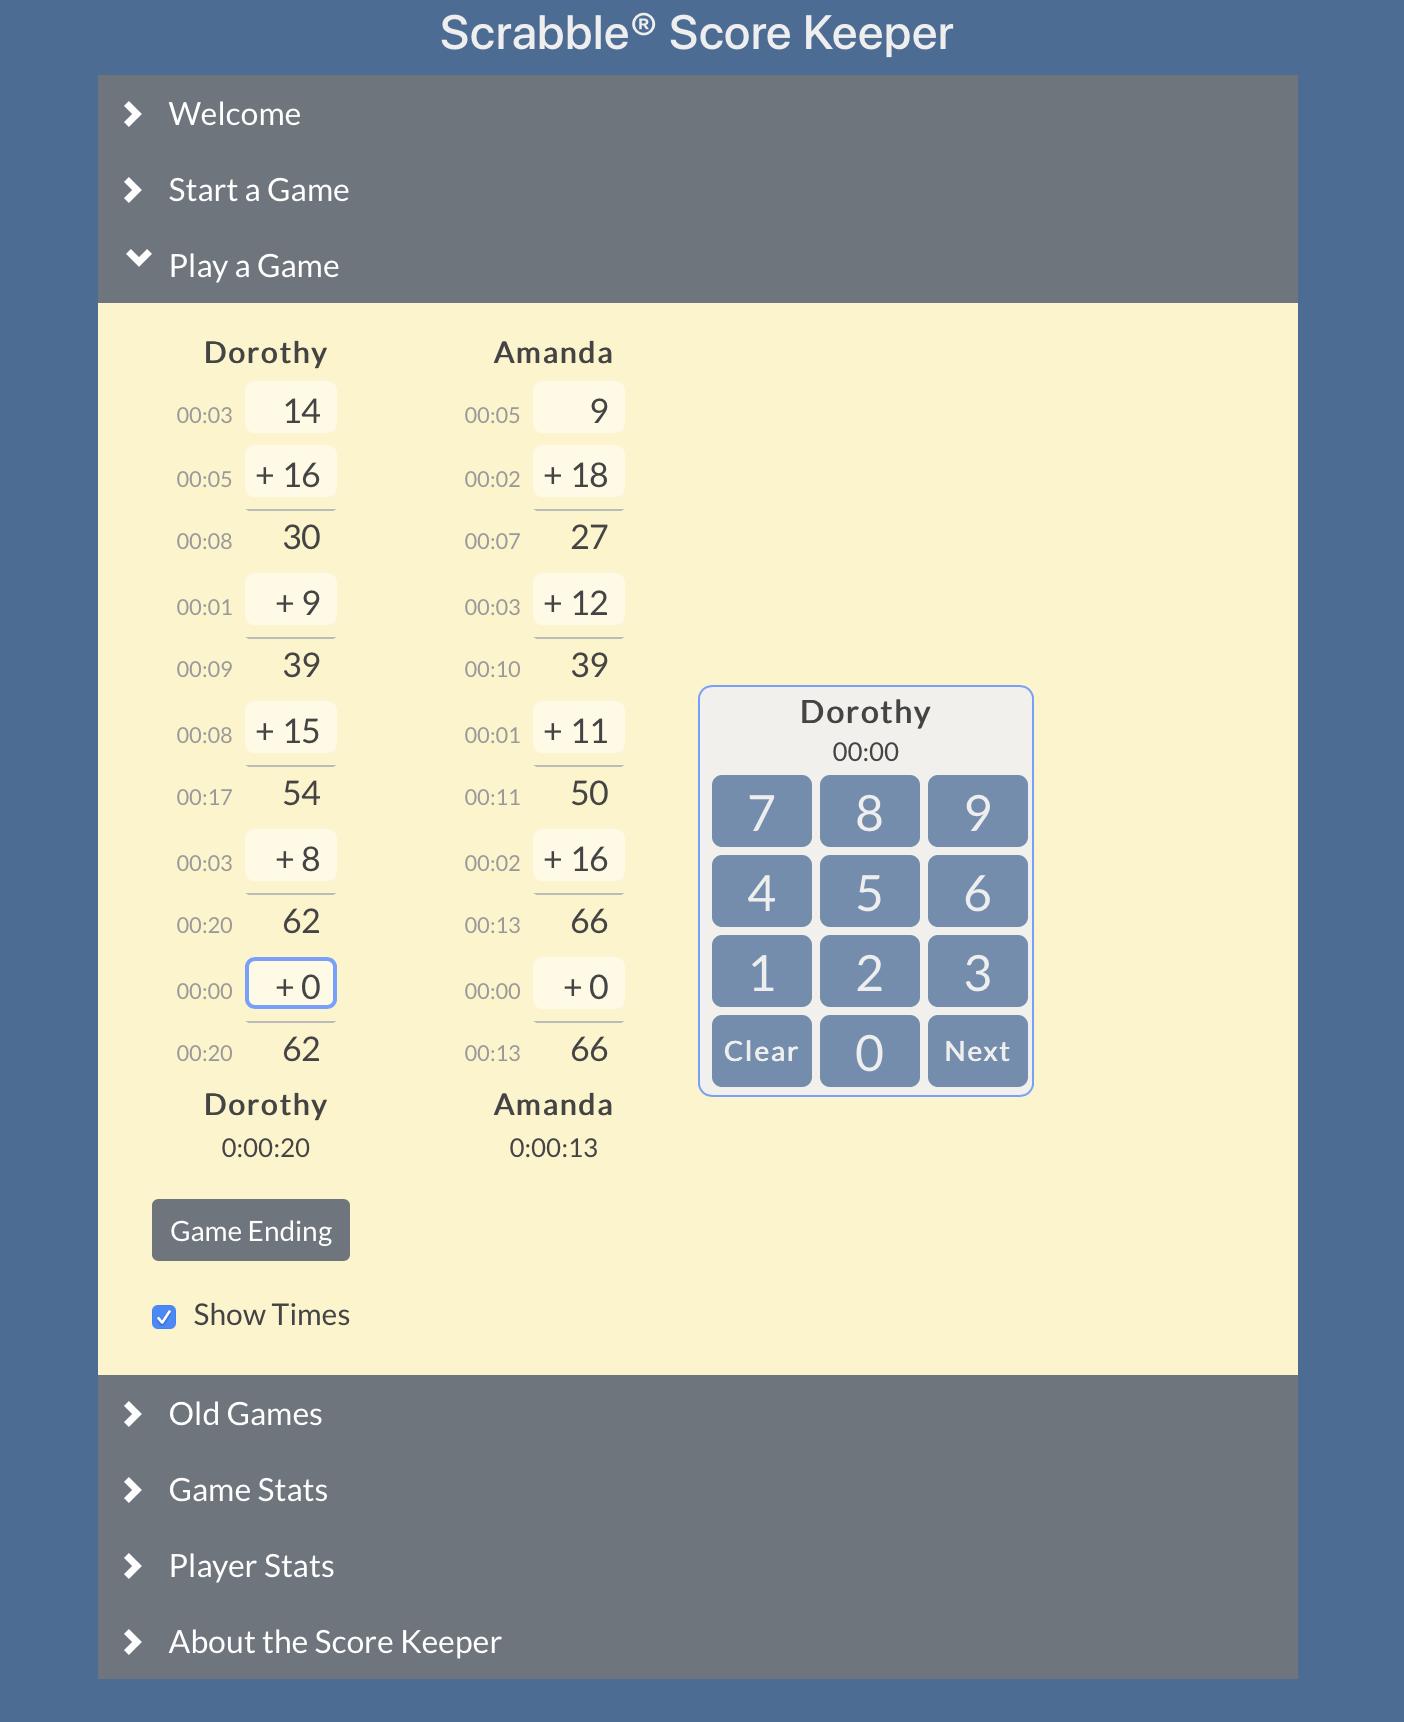 Scrabble Score Keeper